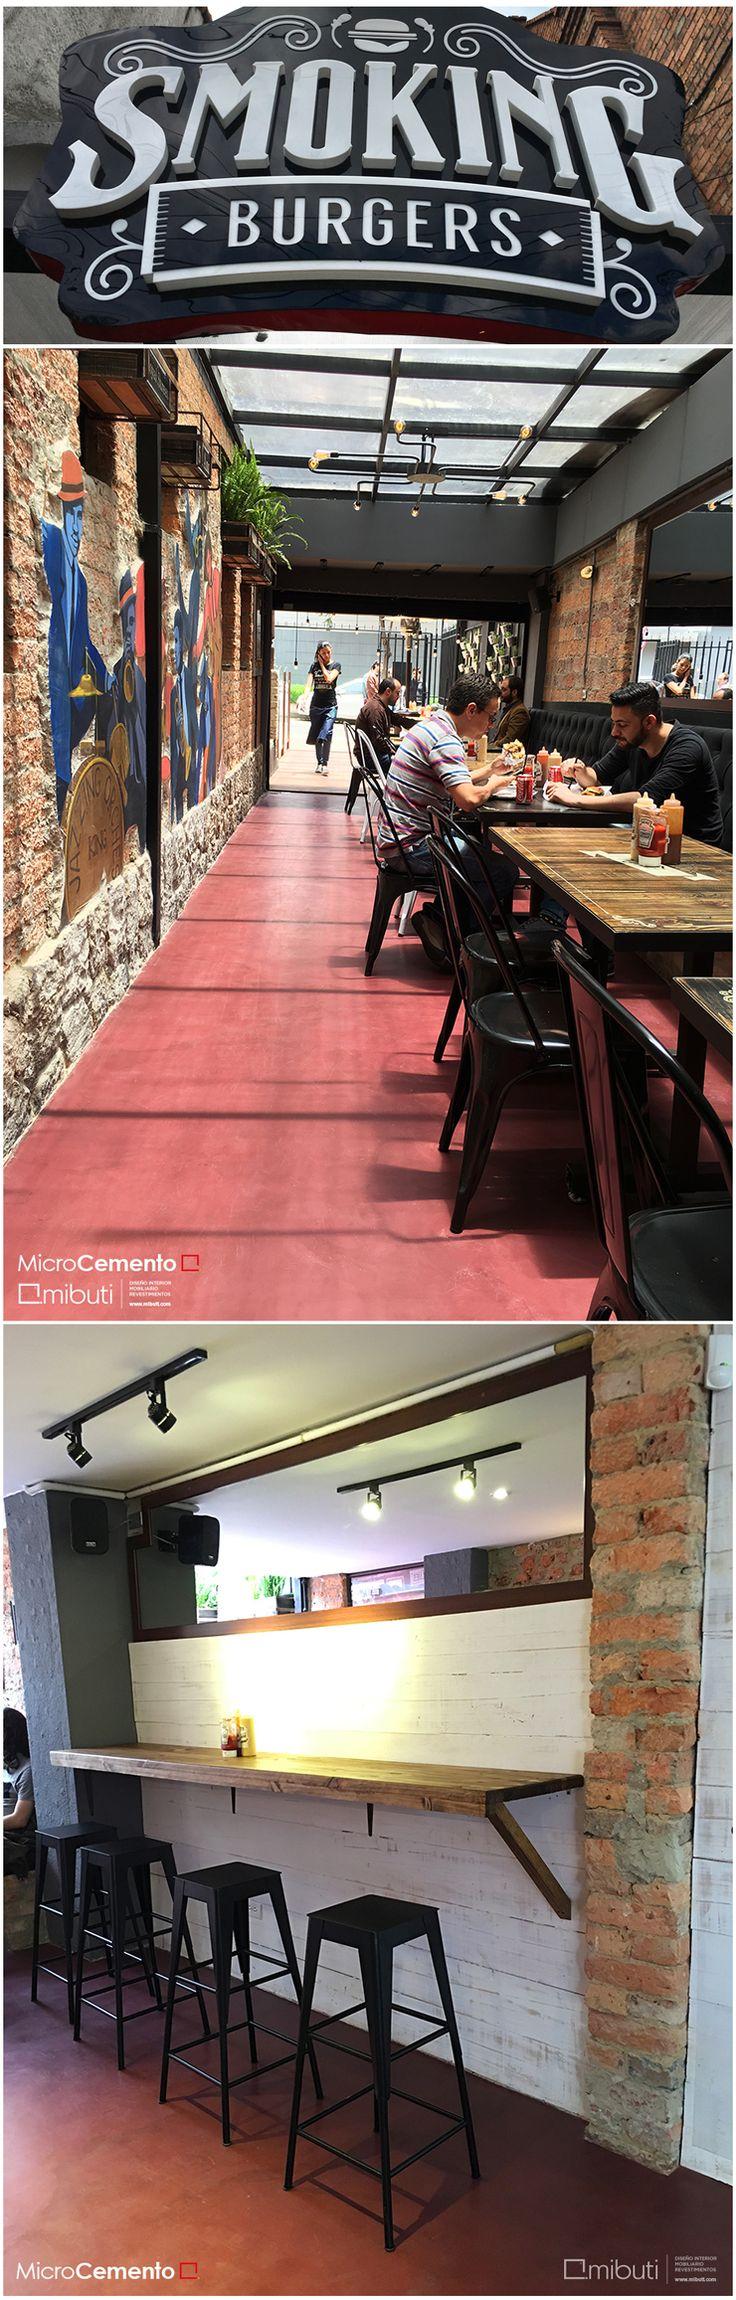 ¡Somos una opción en cualquier espacio! #Microcemento color ciruelo en Smoking Burgers. #revestimiento #diseñointerior #interiorismo #coating #decorativecoatings #concretecoatings #interiordesign #pisos #sinjuntas #superficies #pisosmibuti #Mibuti